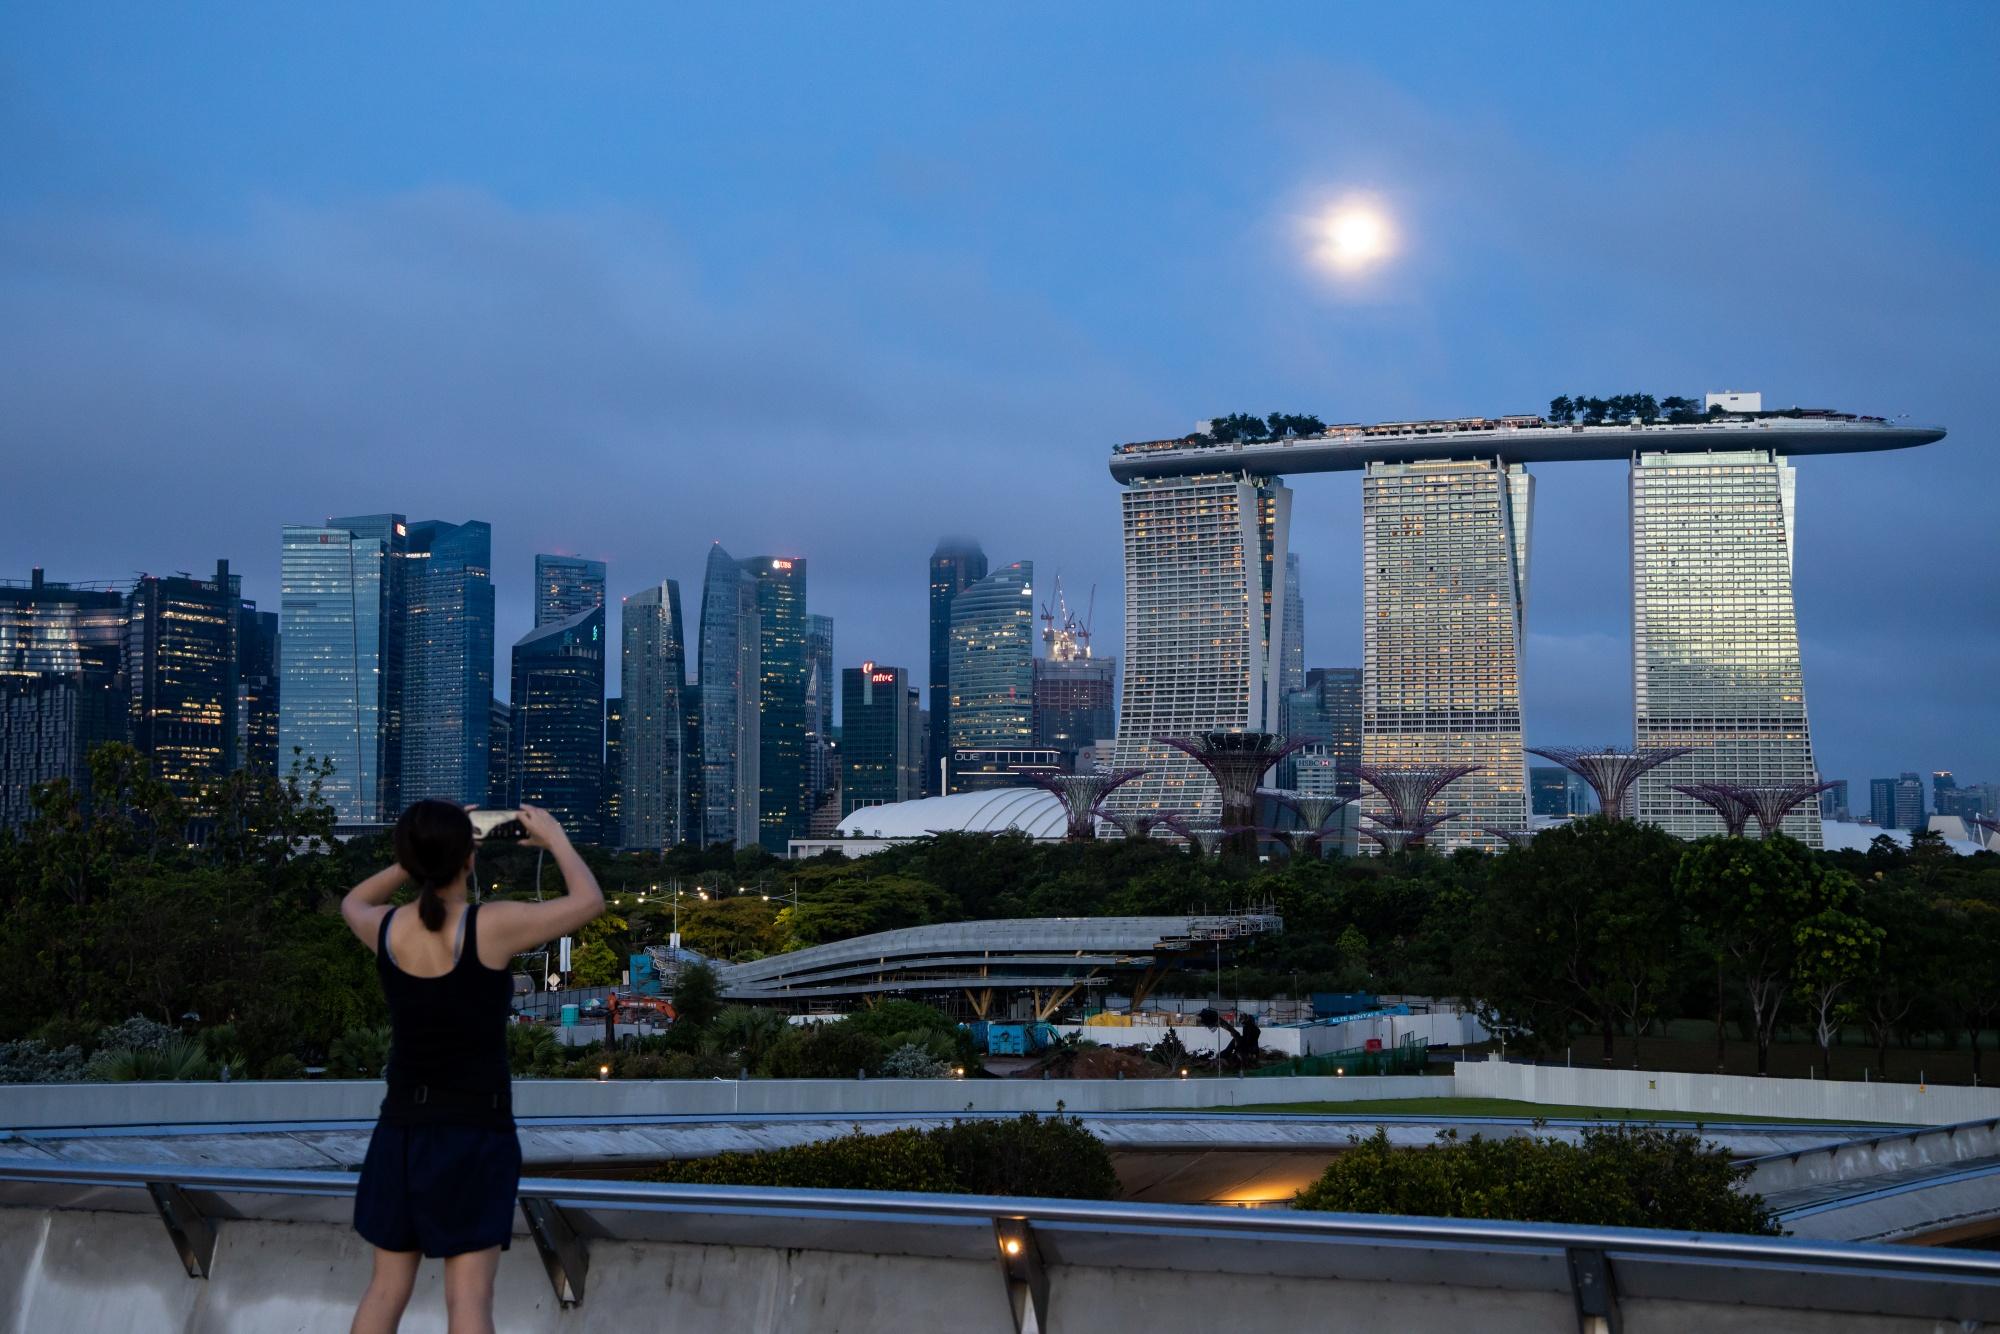 Seseorang dengan smartphone mengambil foto hotel dan kasino Marina Bay Sands.